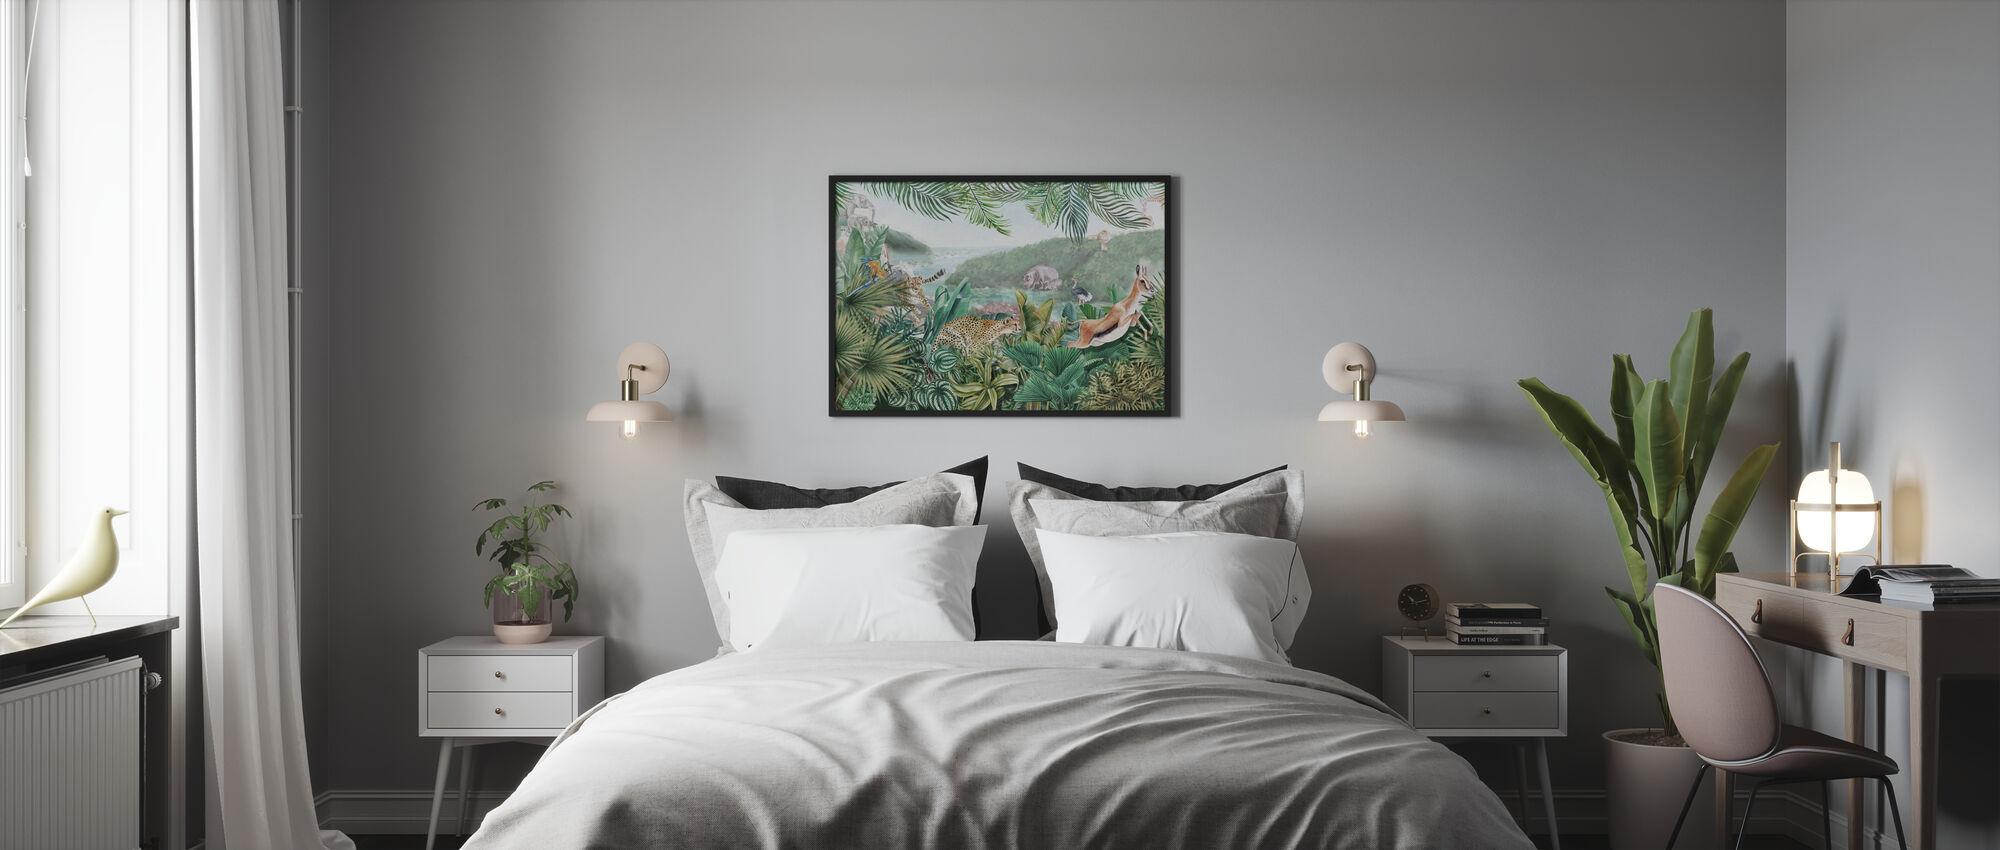 Jungle Insights - Indrammet billede - Soveværelse